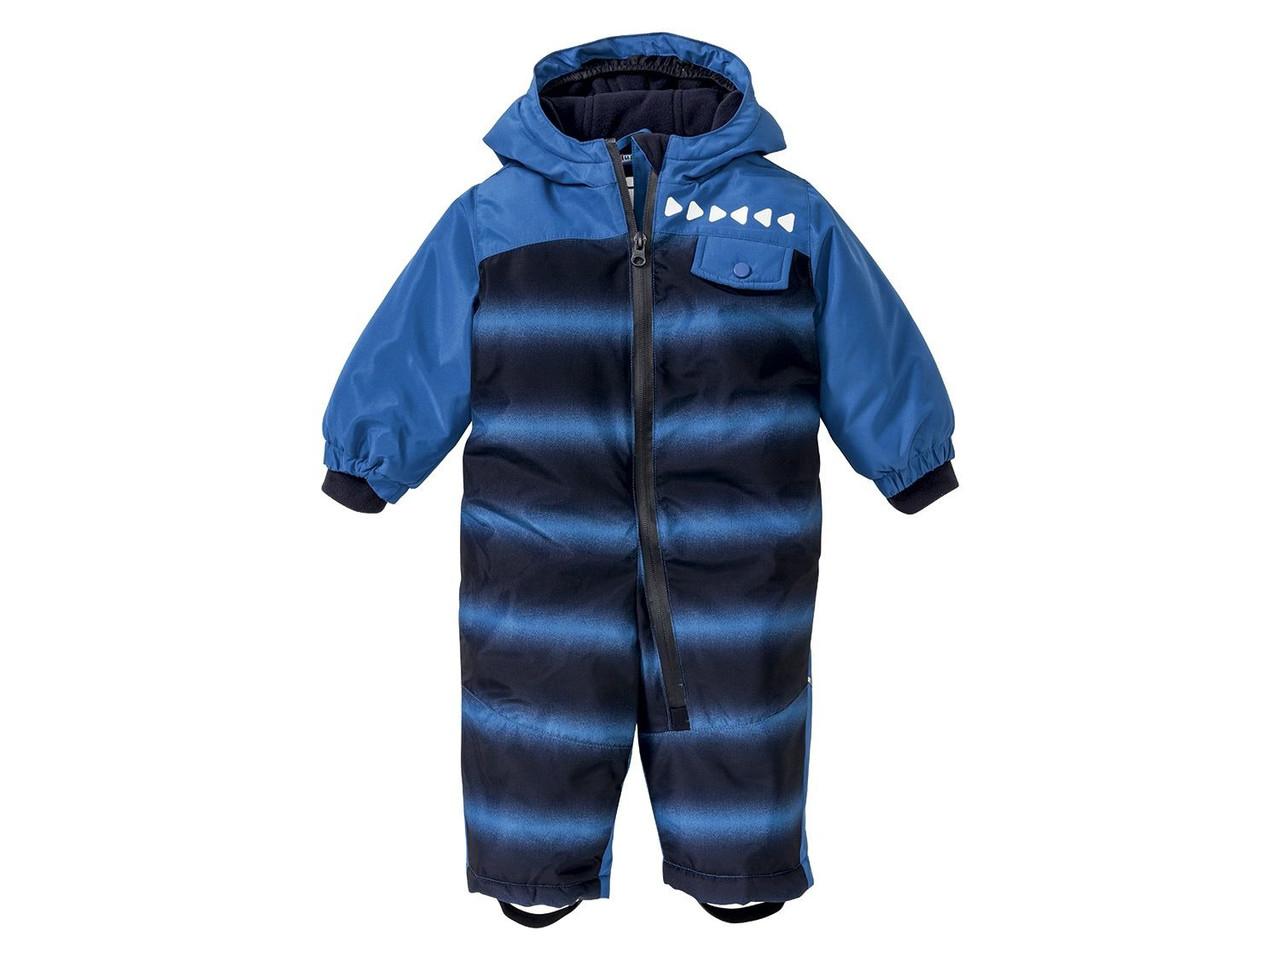 Зимний комбинезон со снегозадержателем LUPILU® Boys (98, синий с принтом)